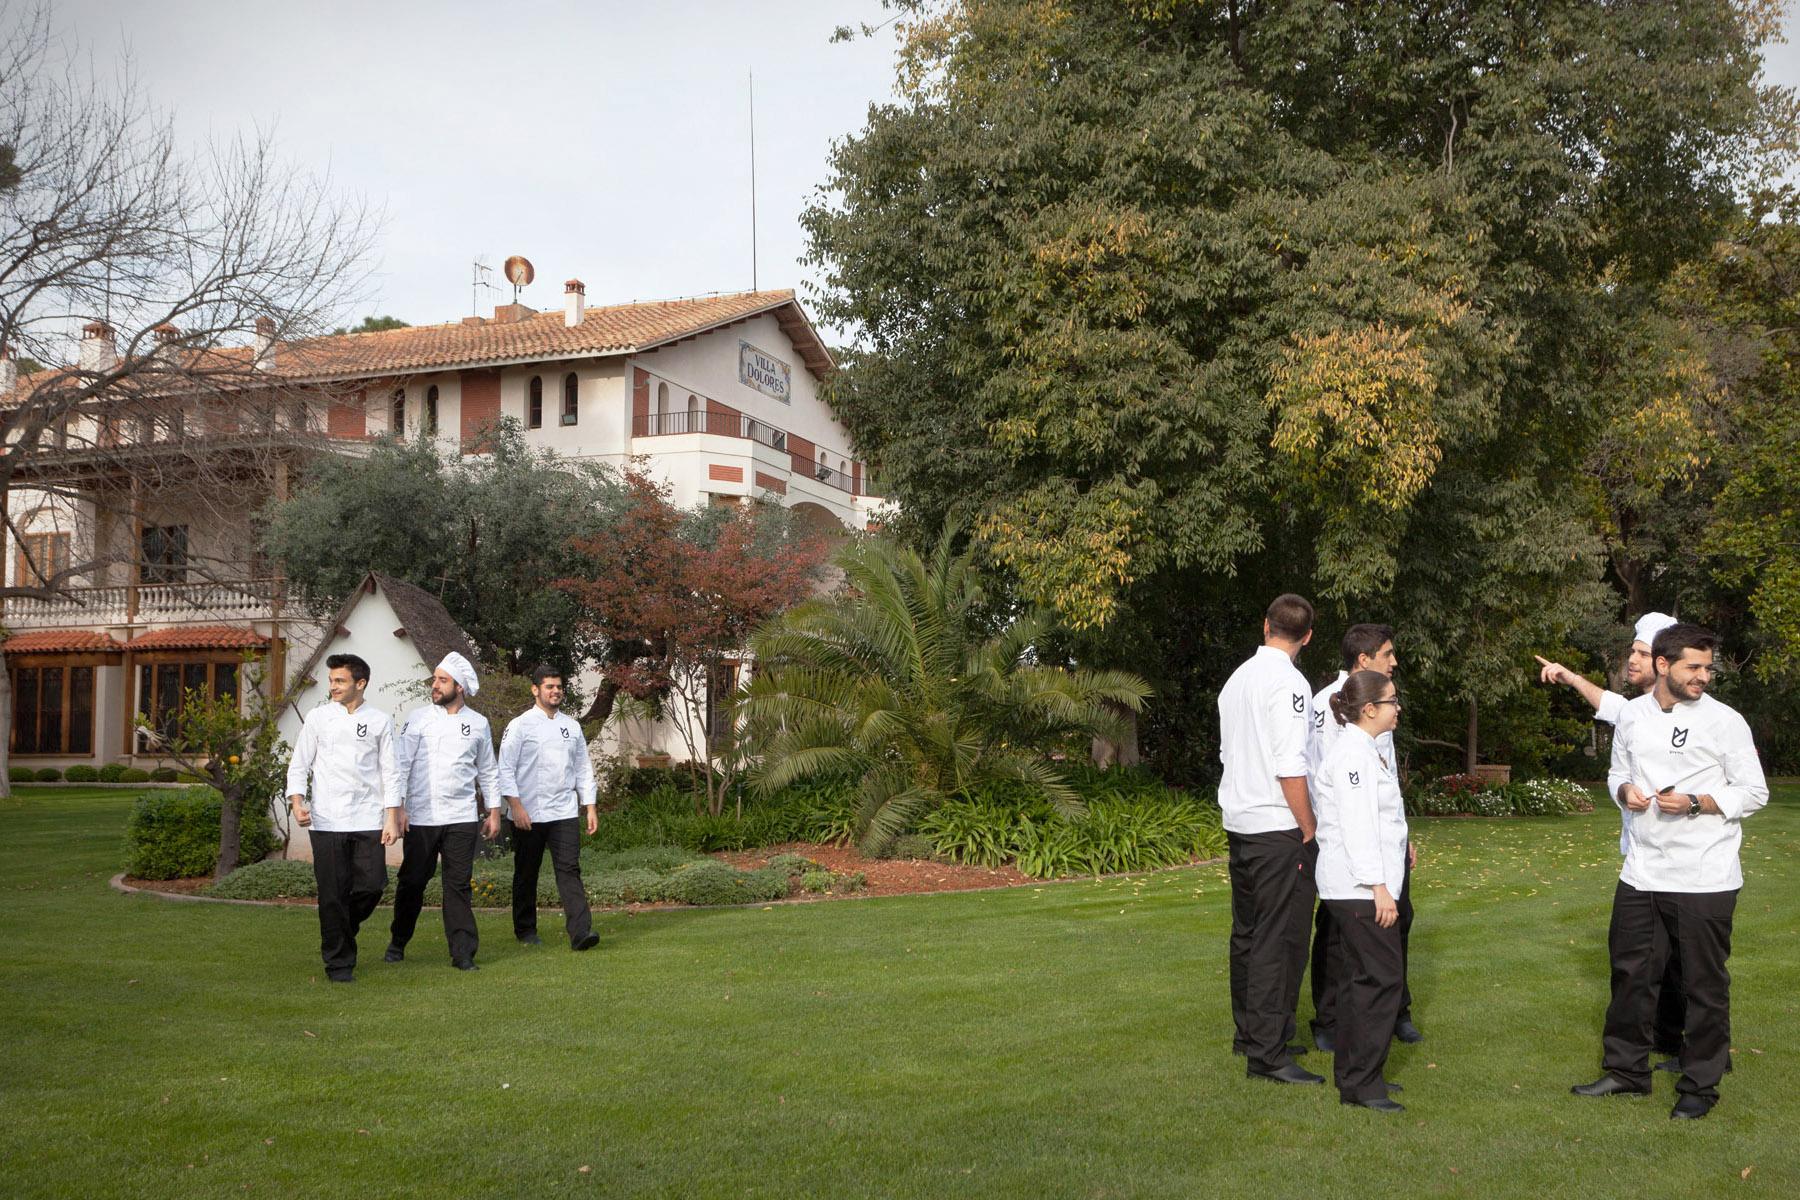 Вилла Долорес, где расположен кампус GASMA